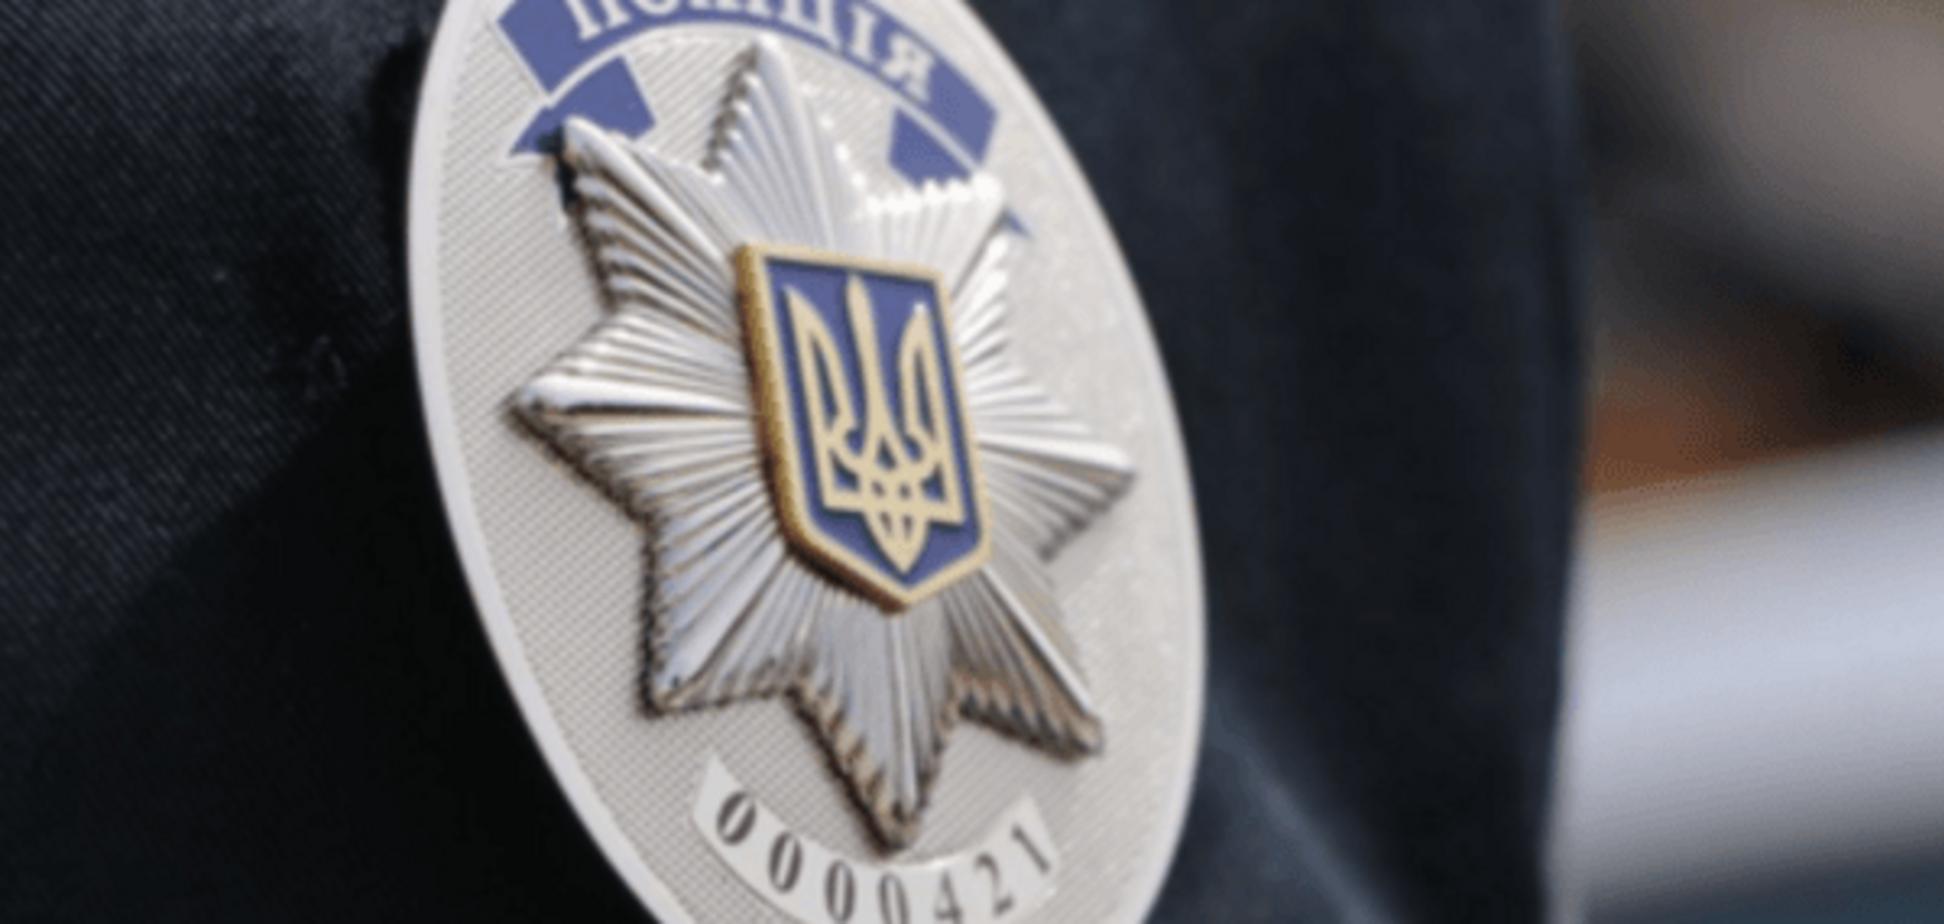 Жорстоке вбивство в Києві: біля супермаркету знайшли тіло чоловіка